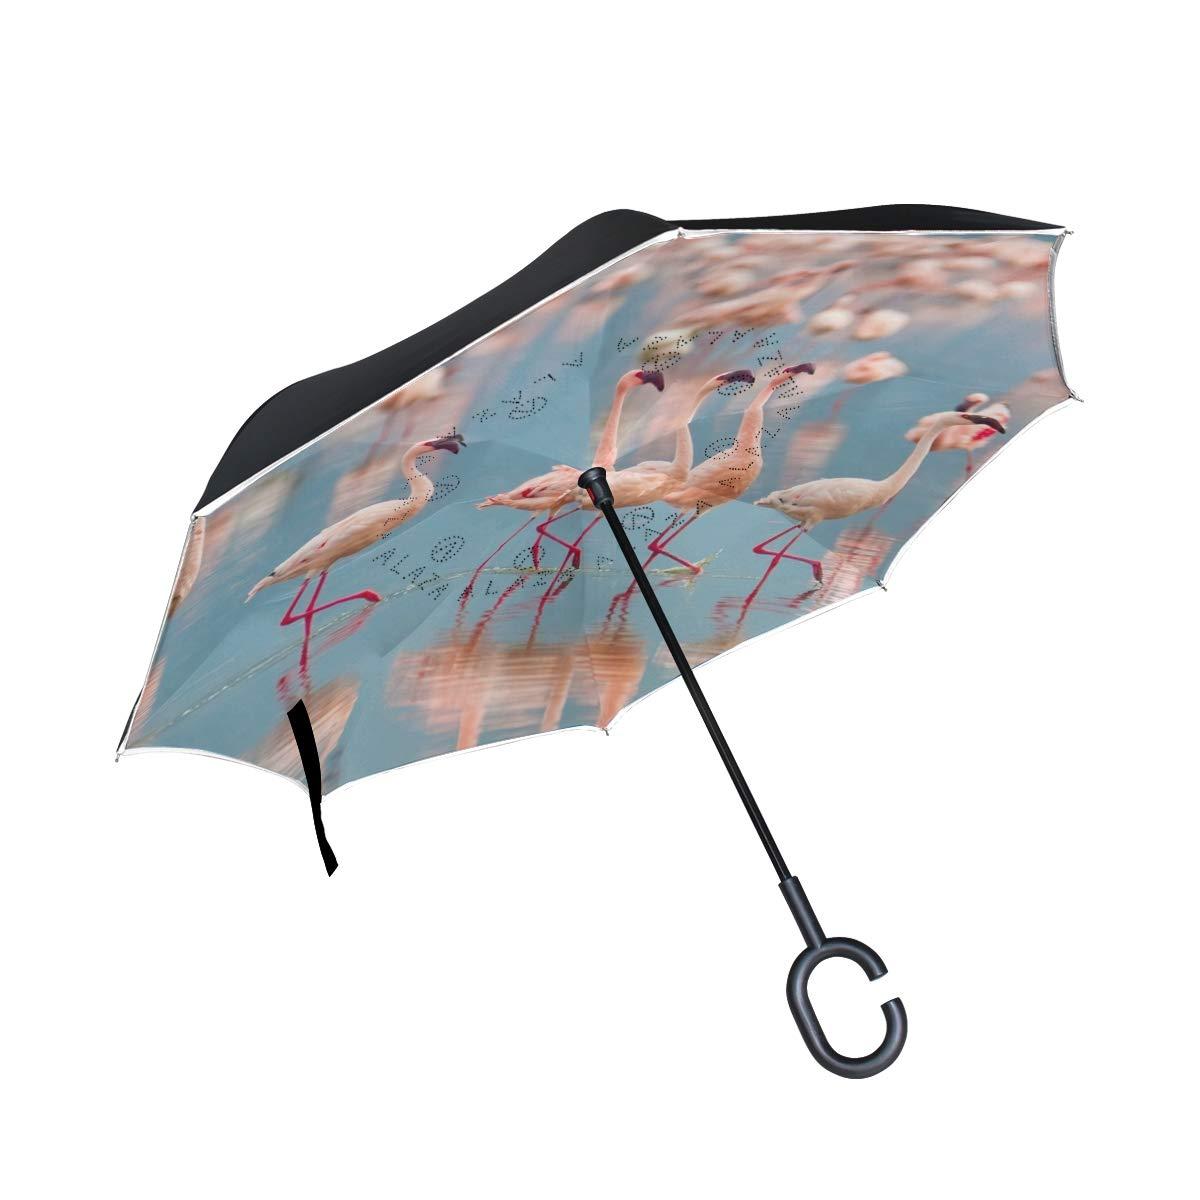 Ladninag 逆傘 パイナップル トロピカルパターン 反転傘 リバーシブル ゴルフ 車 旅行 雨 アウトドア ブラック One Size picture7 B07NQ425JC